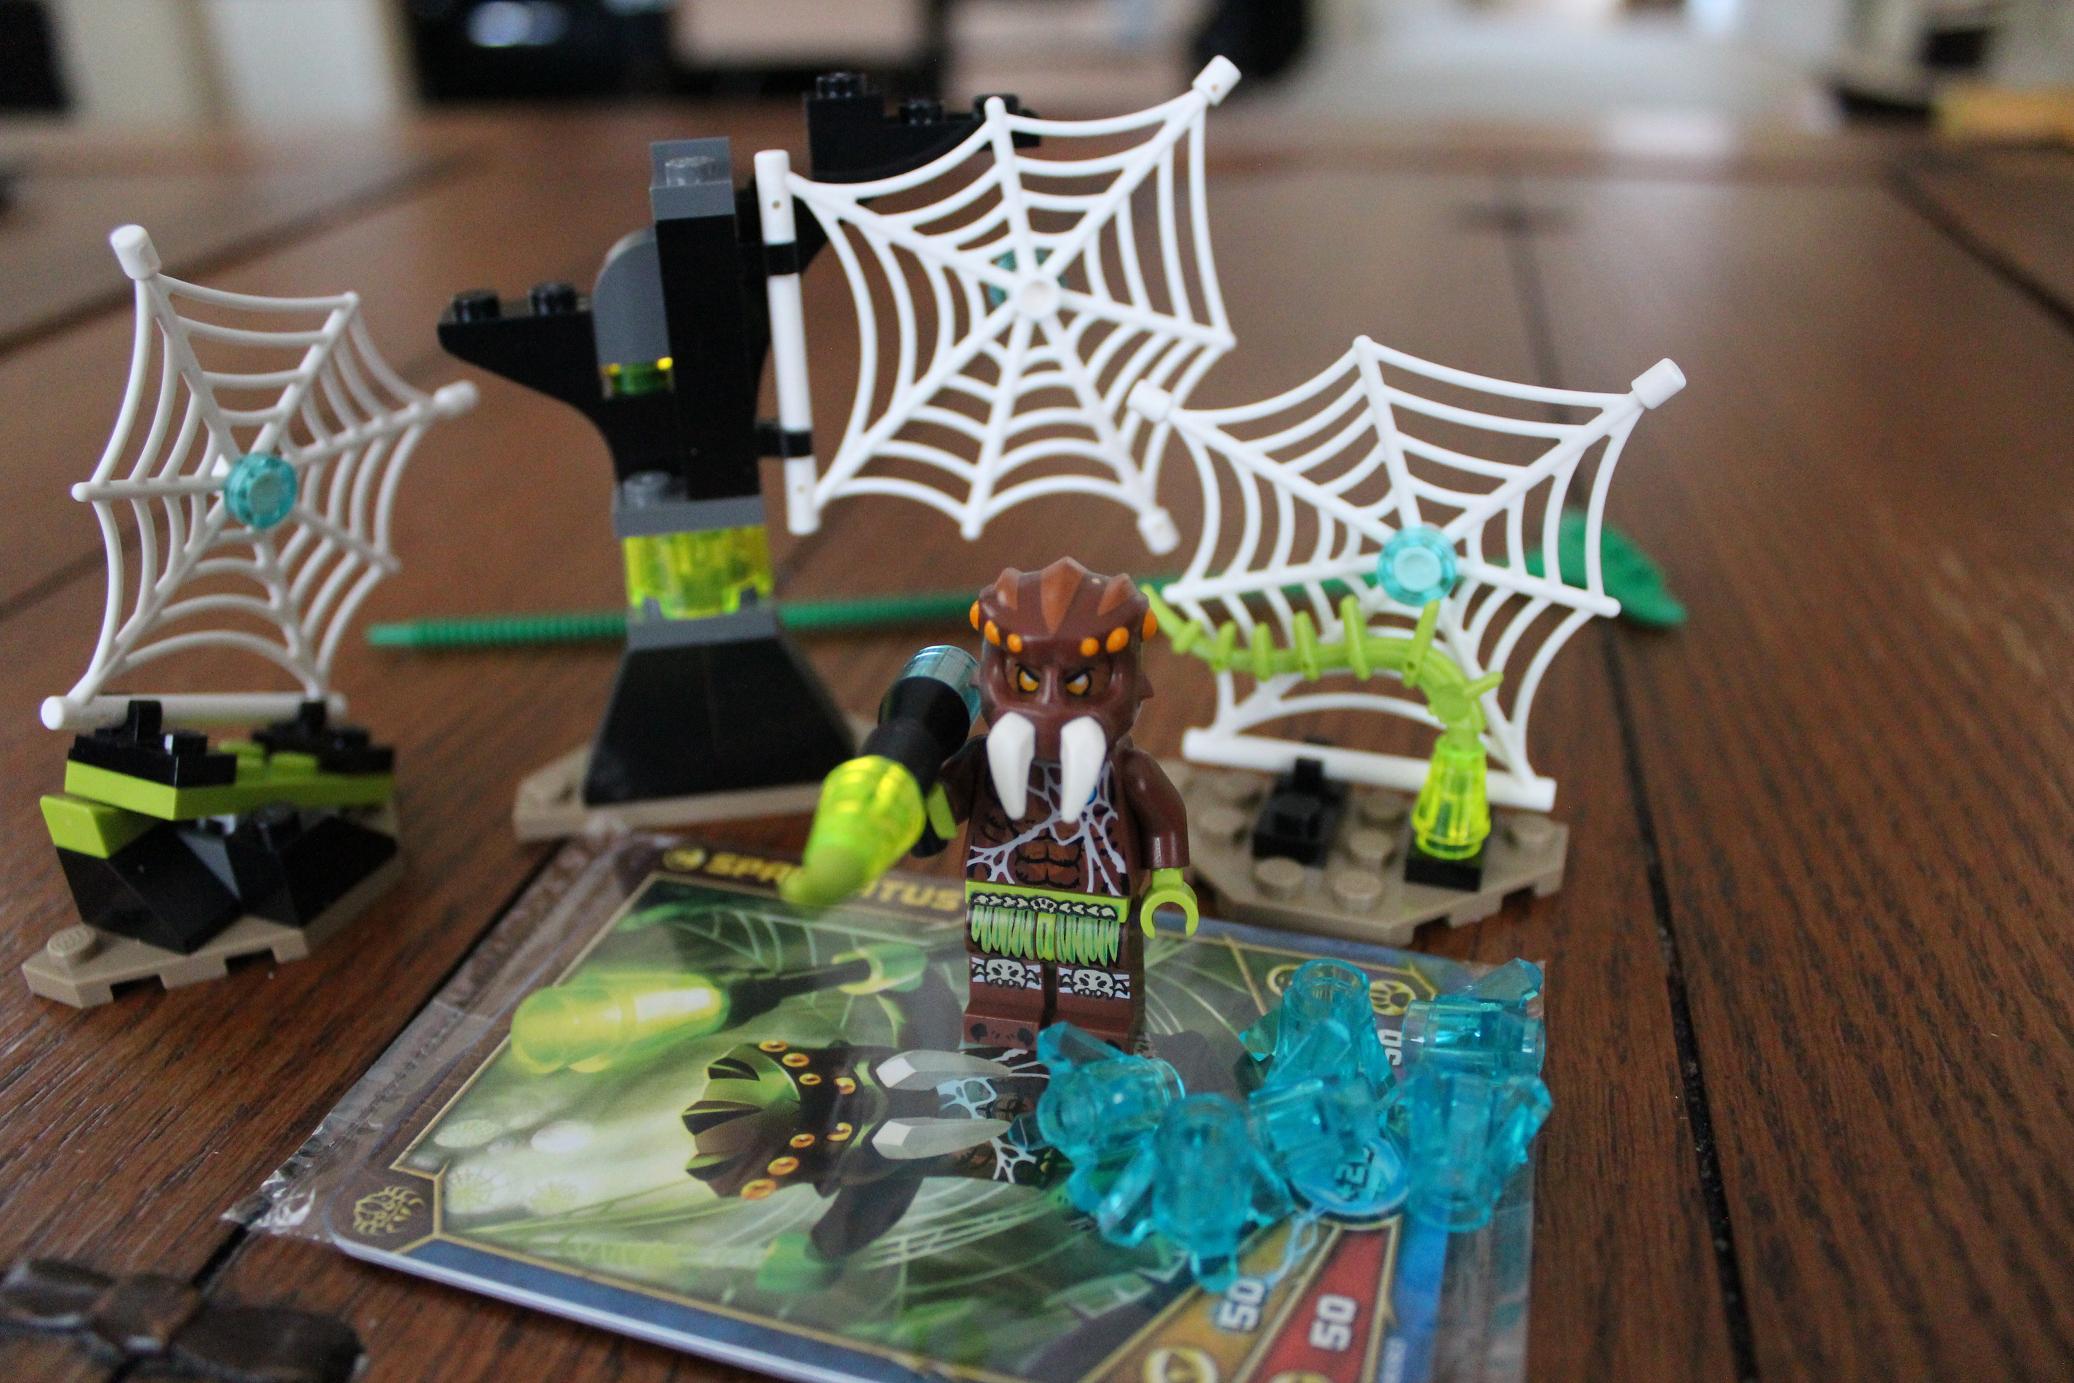 Lego Chima webdash.jpg